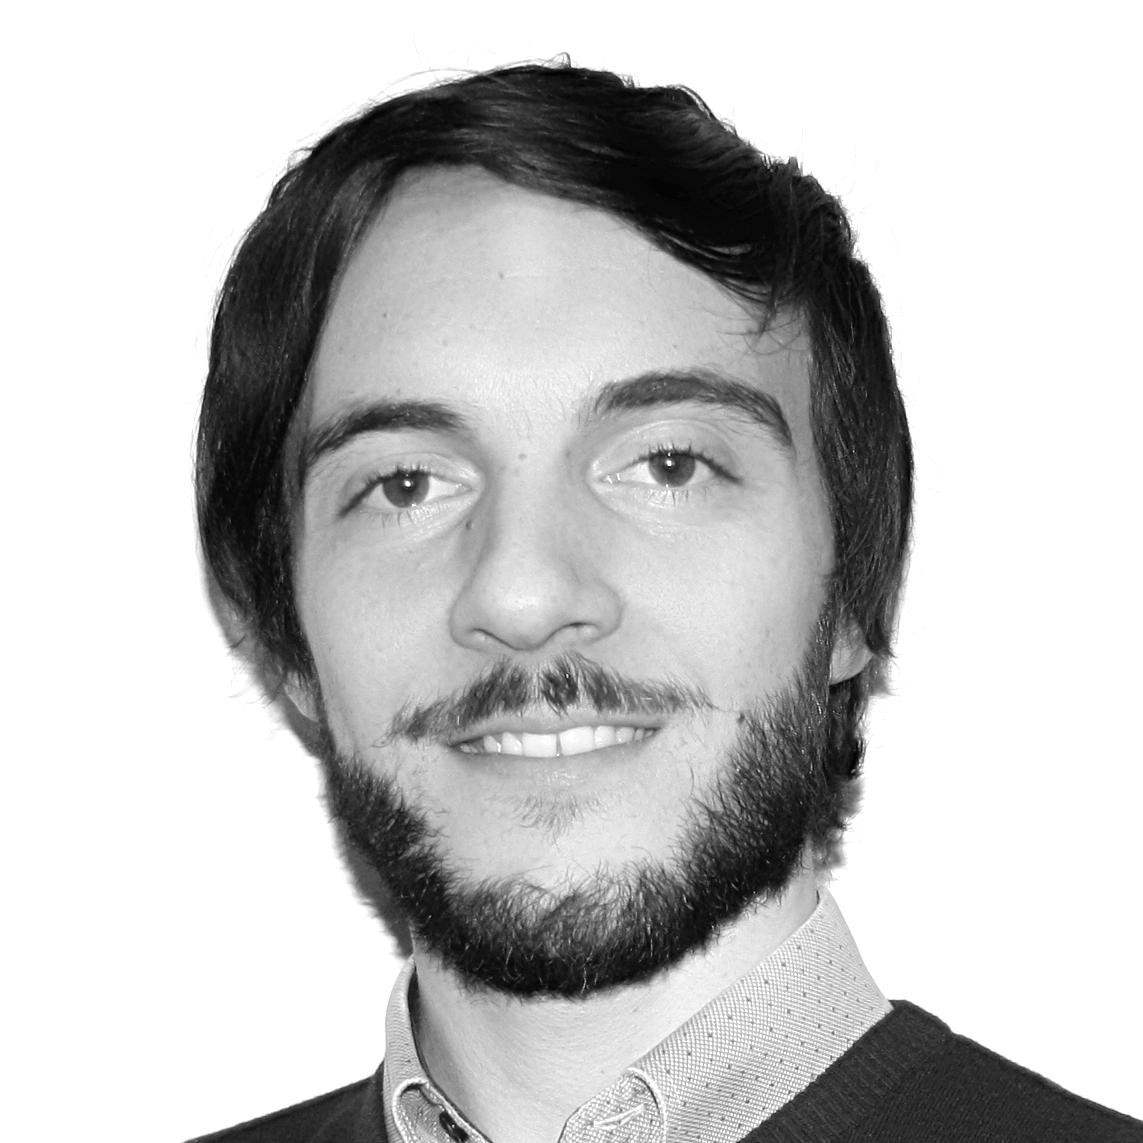 Stefano Montimoregi